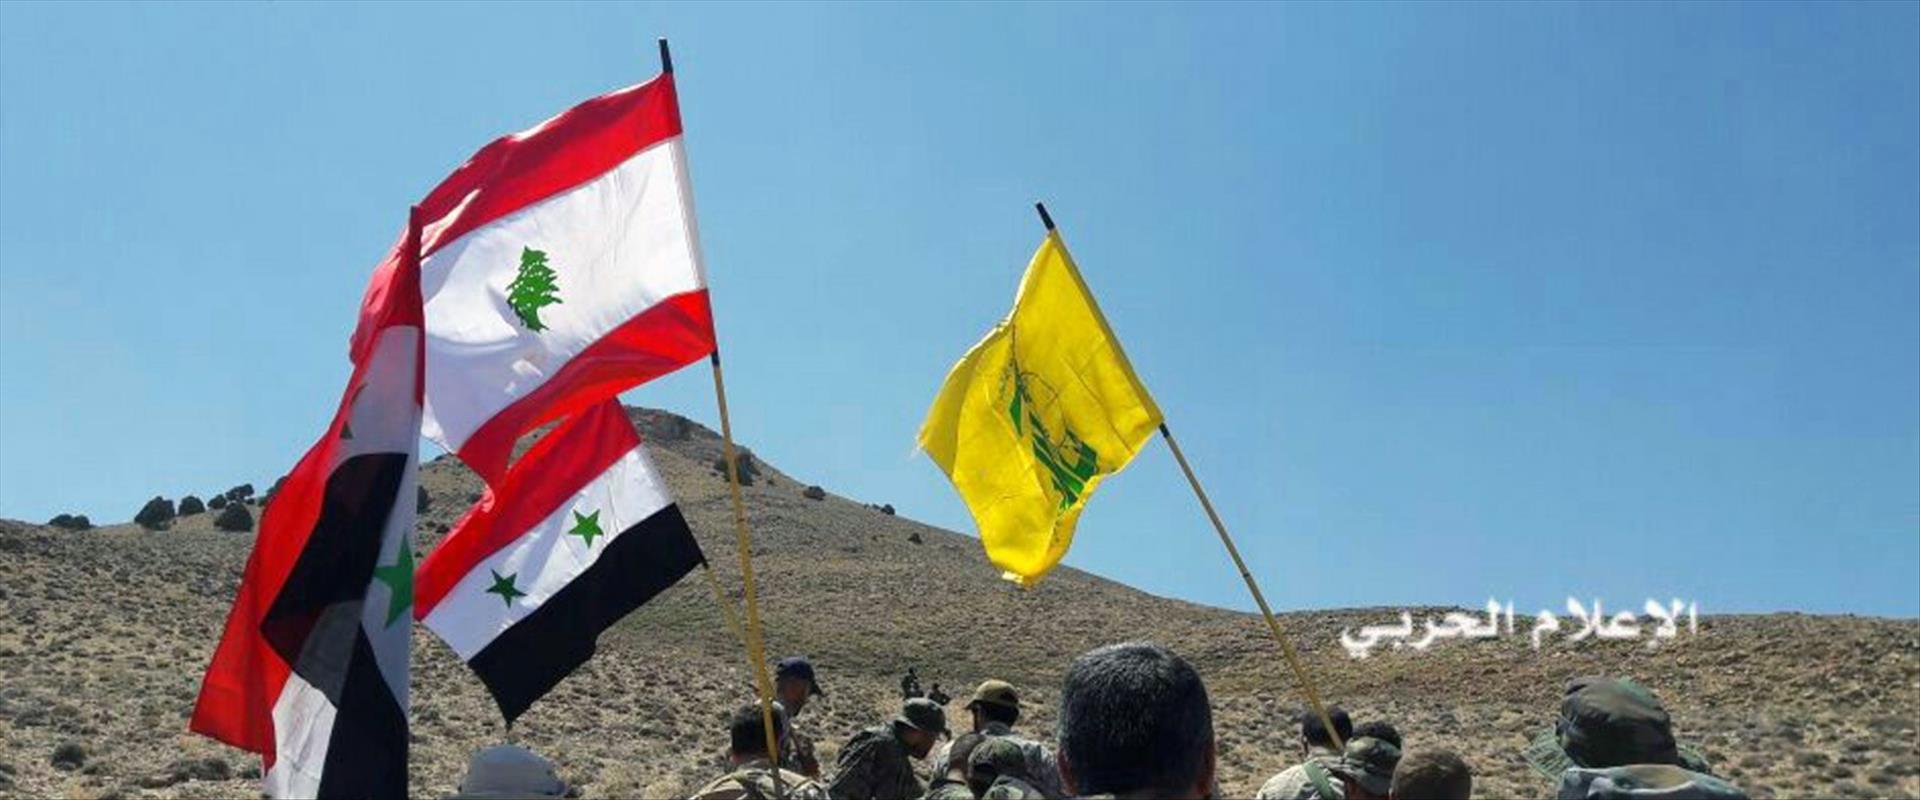 חיזבאללה בסוריה